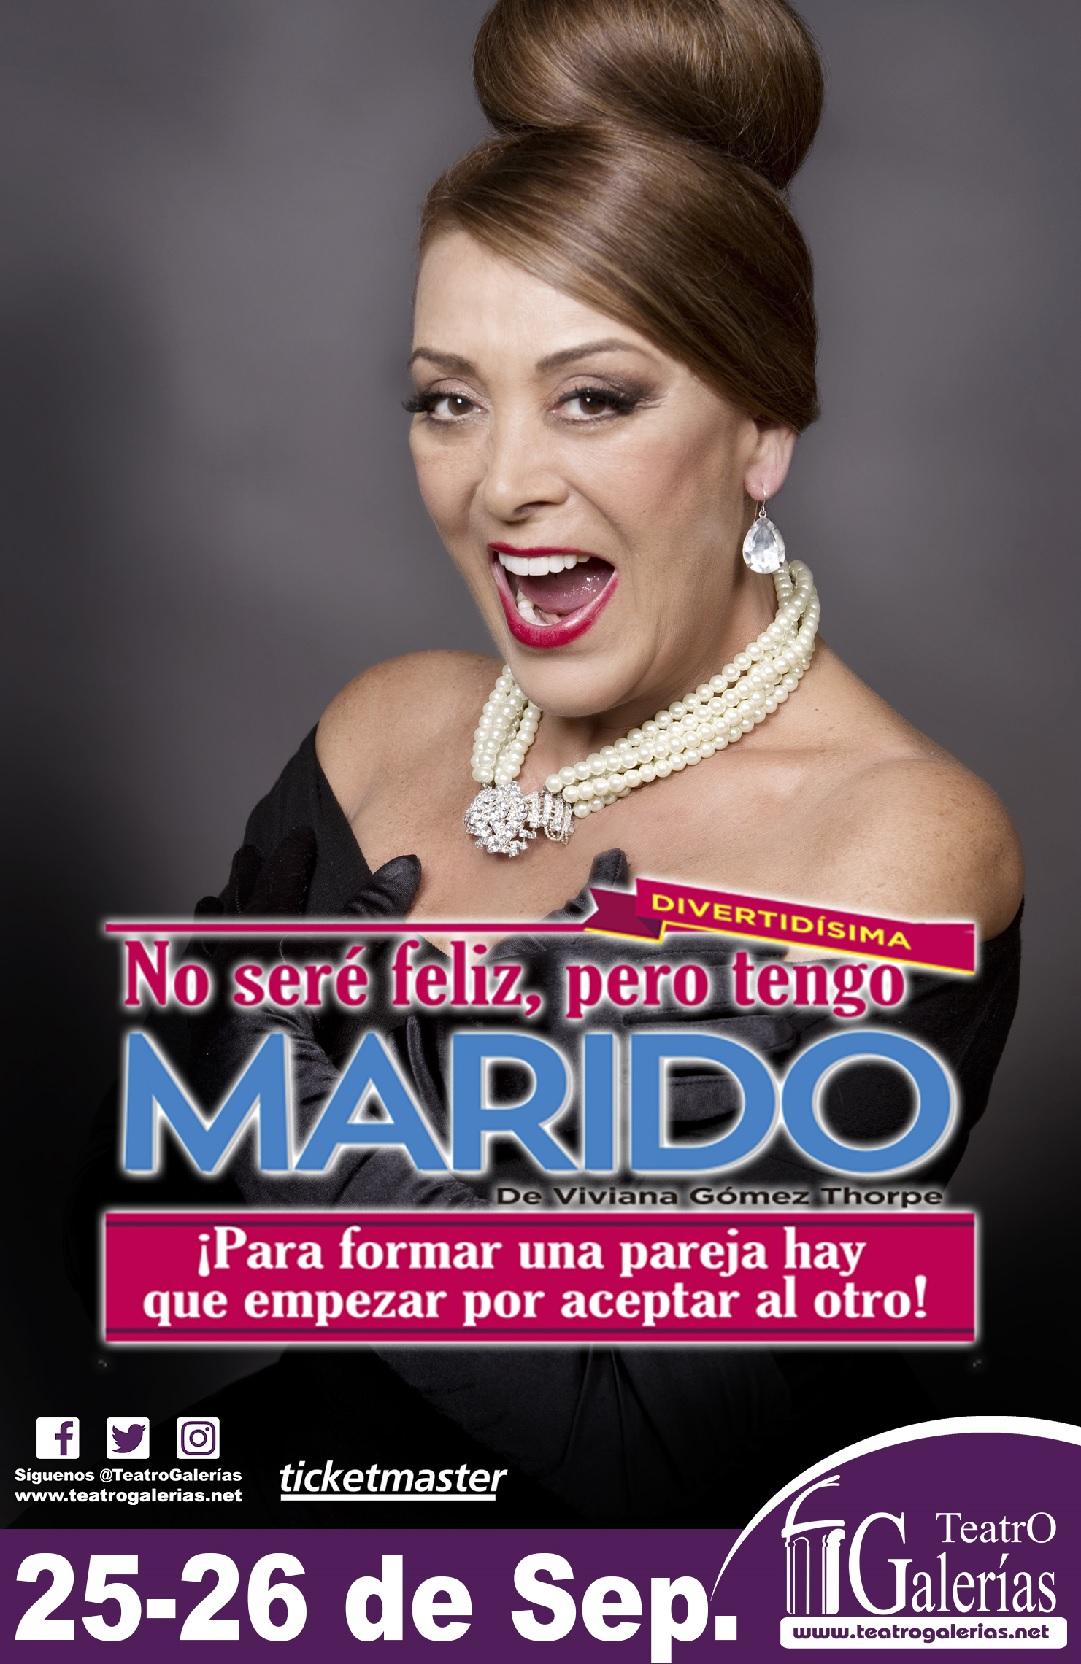 #CORTESÍAS #DateAlaFuga / No seré feliz, pero tengo Marido